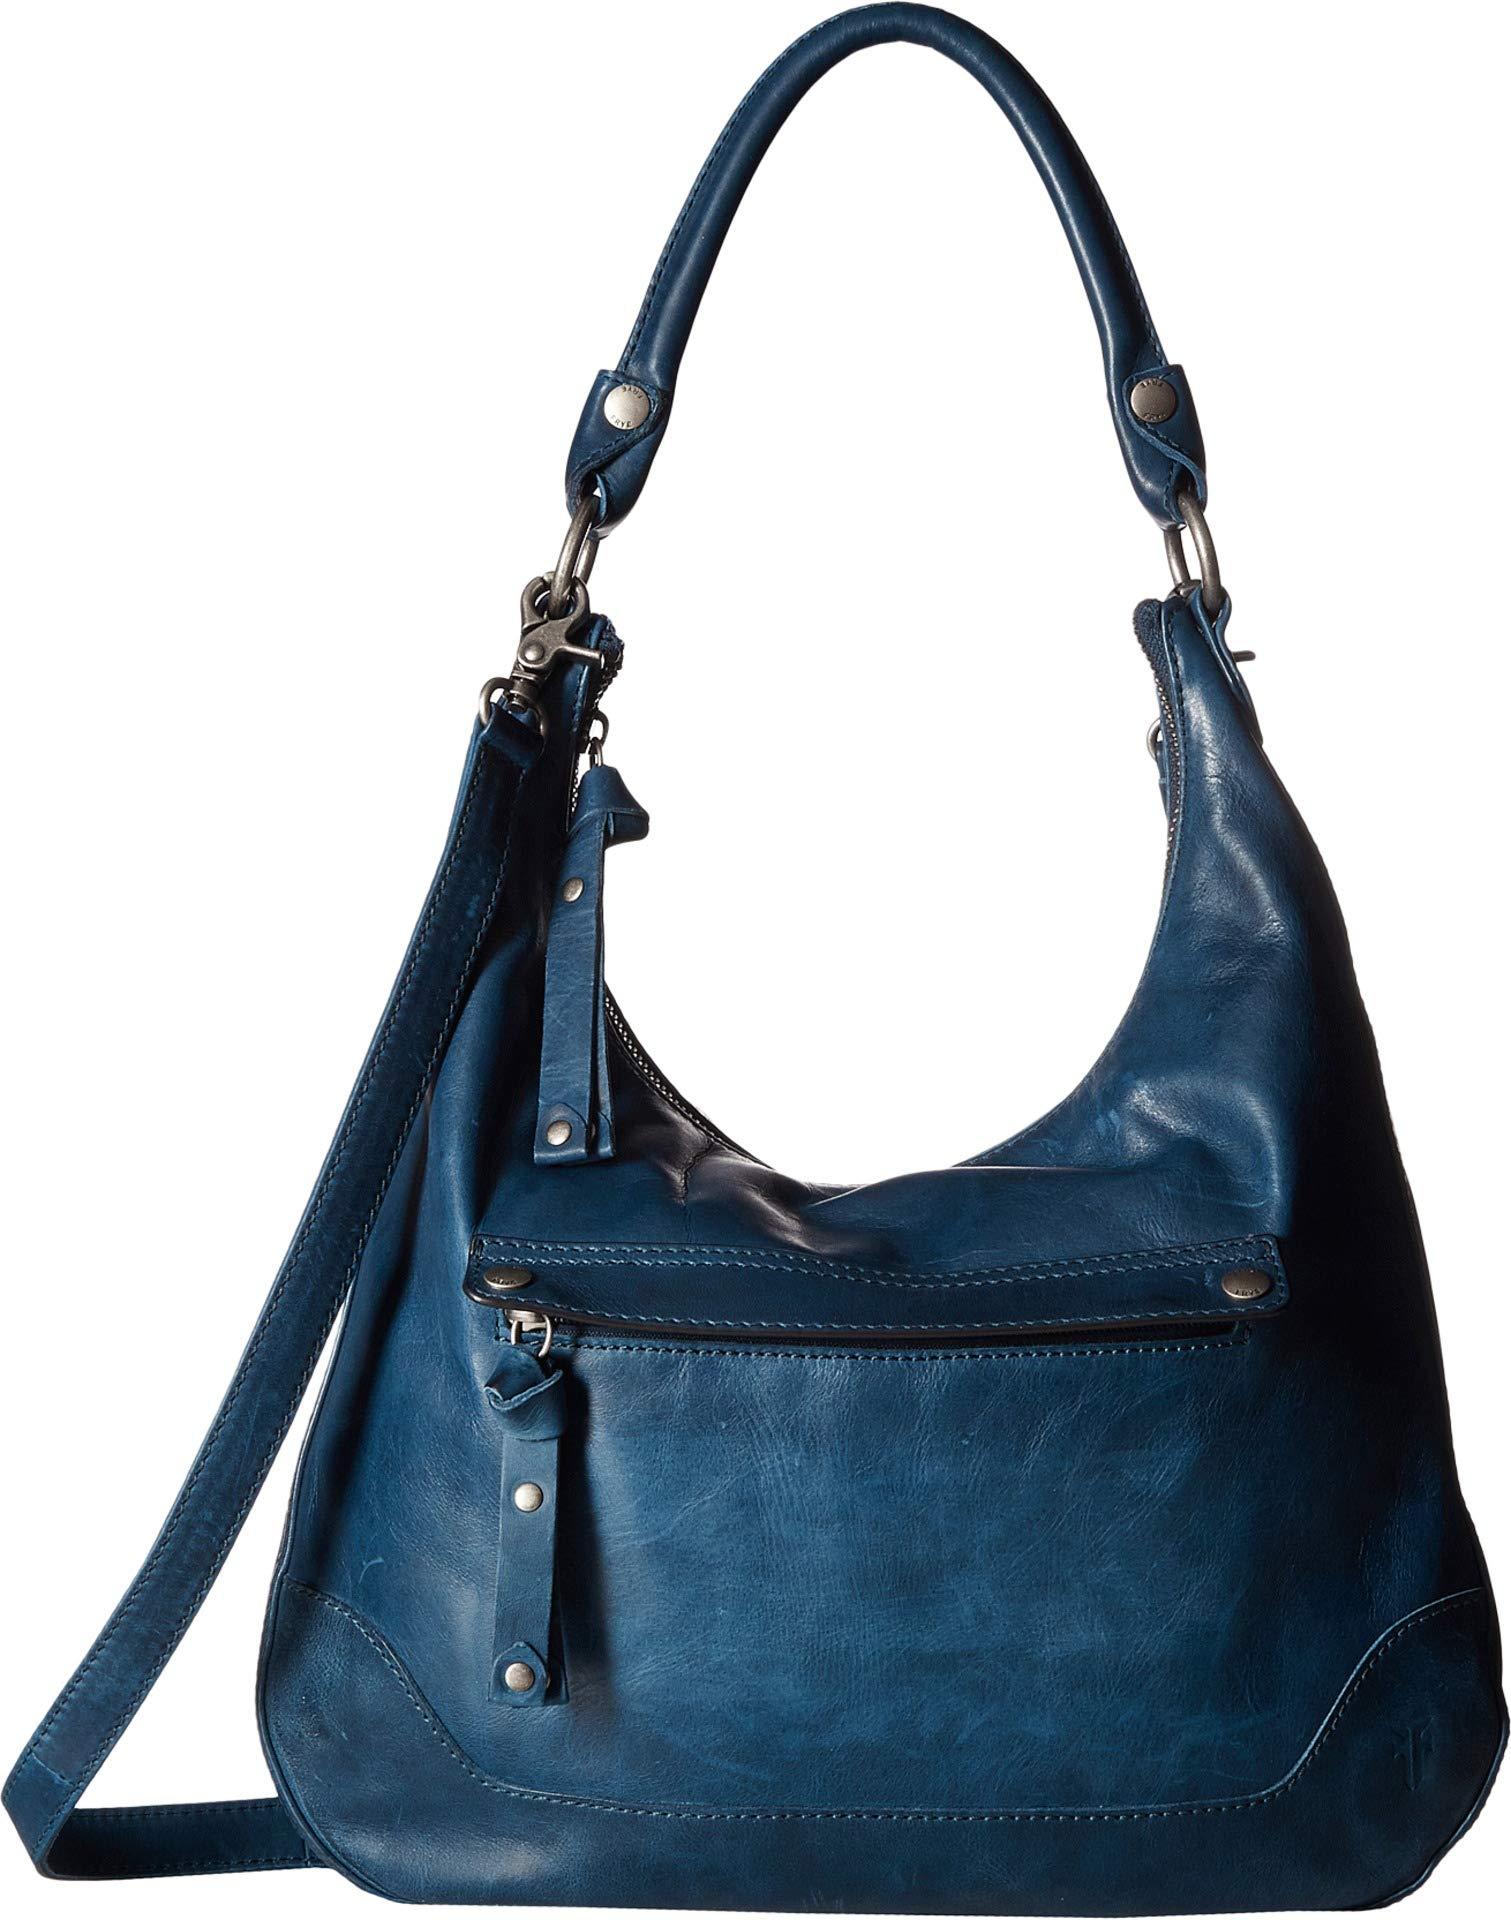 FRYE Melissa Zip Leather Hobo Handbag, peacock